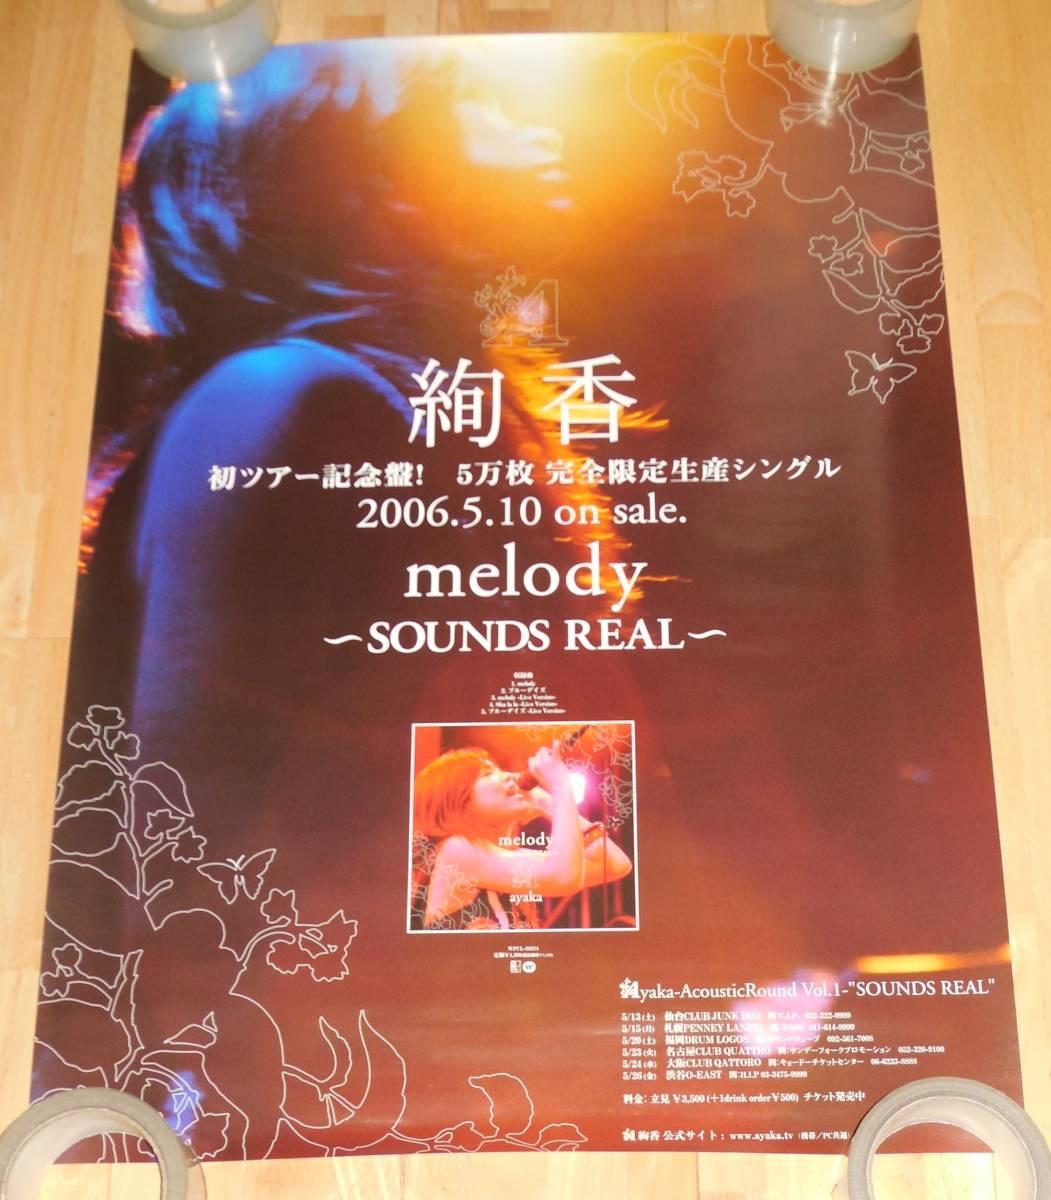 0949/絢香 ポスター/melody~SOUNDS REAL~ 発売告知/B2サイズ